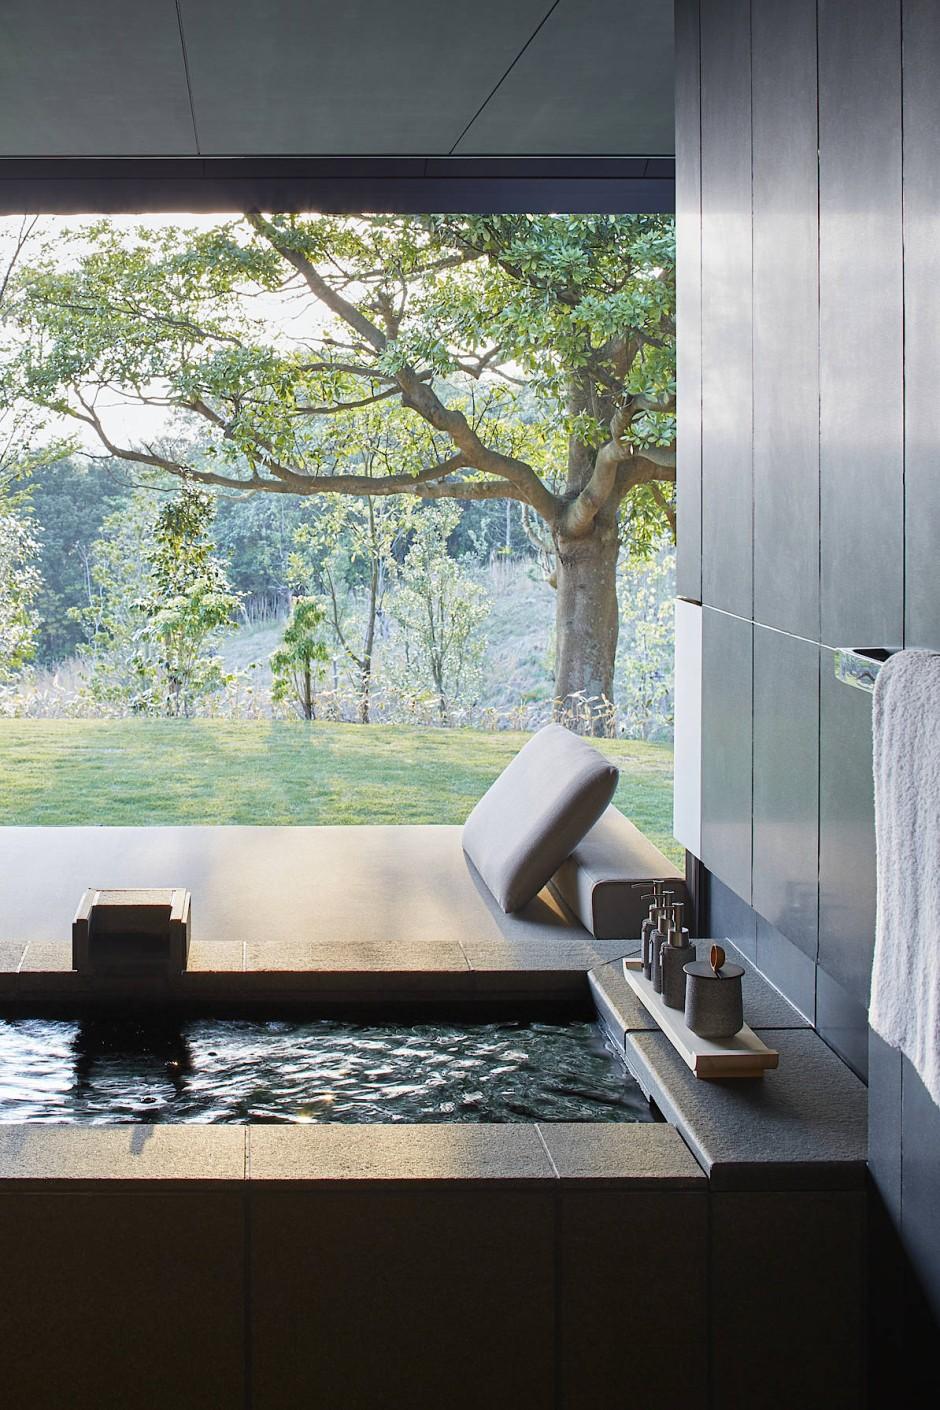 Das Besondere an Onsen-Wasser ist die mineralische Zusammensetzung. Eine japanische Weisheit besagt sogar: Ein Onsen kann alles heilen, nur die Liebe nicht.